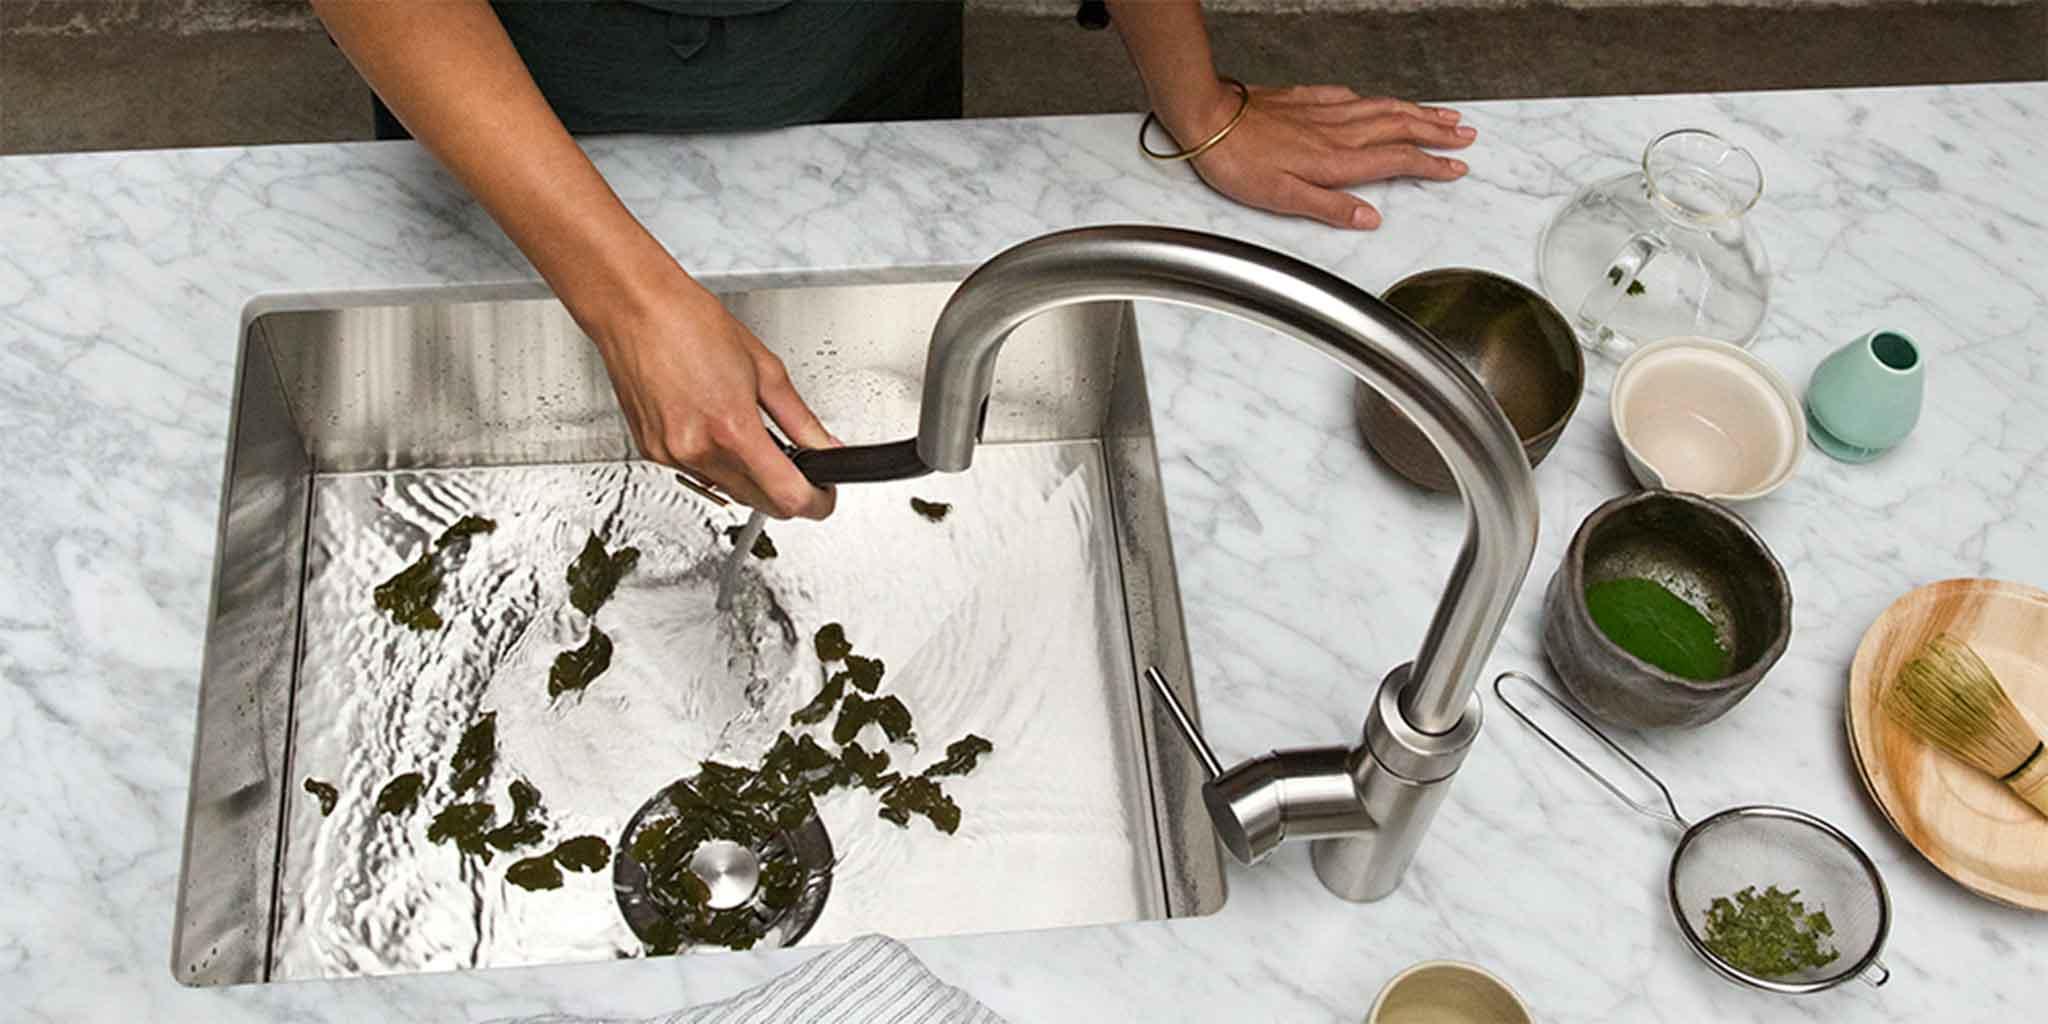 Quooker Flex 3-in-1 kraan. Warm koud en kokend water met flexibele uittrekslang #quooker #keuken #keukeninspiratie #kokendwaterkraan